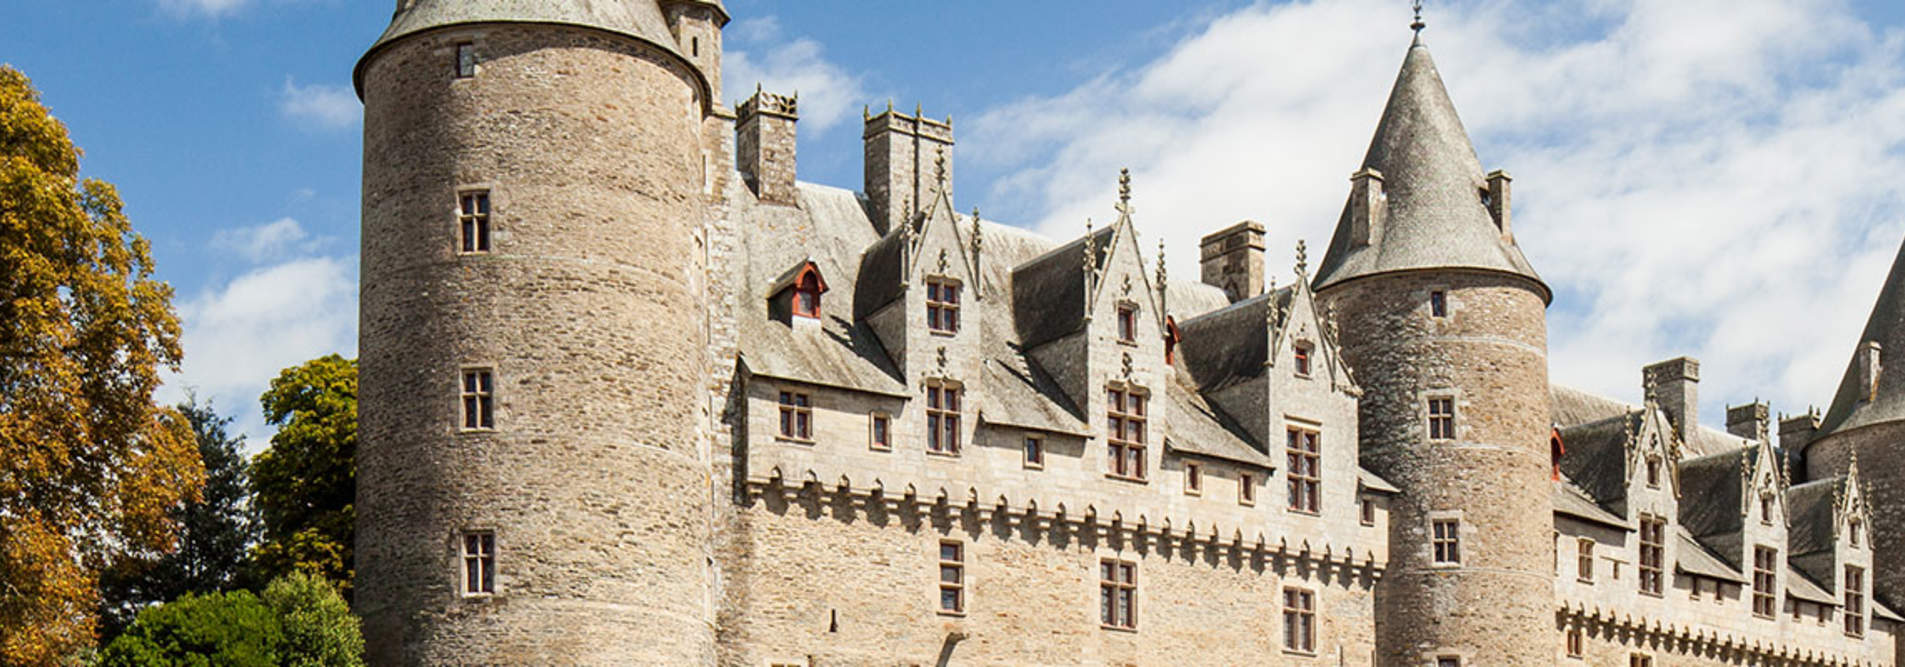 mariages loire atlantique 44 - Chateau Mariage Loire Atlantique